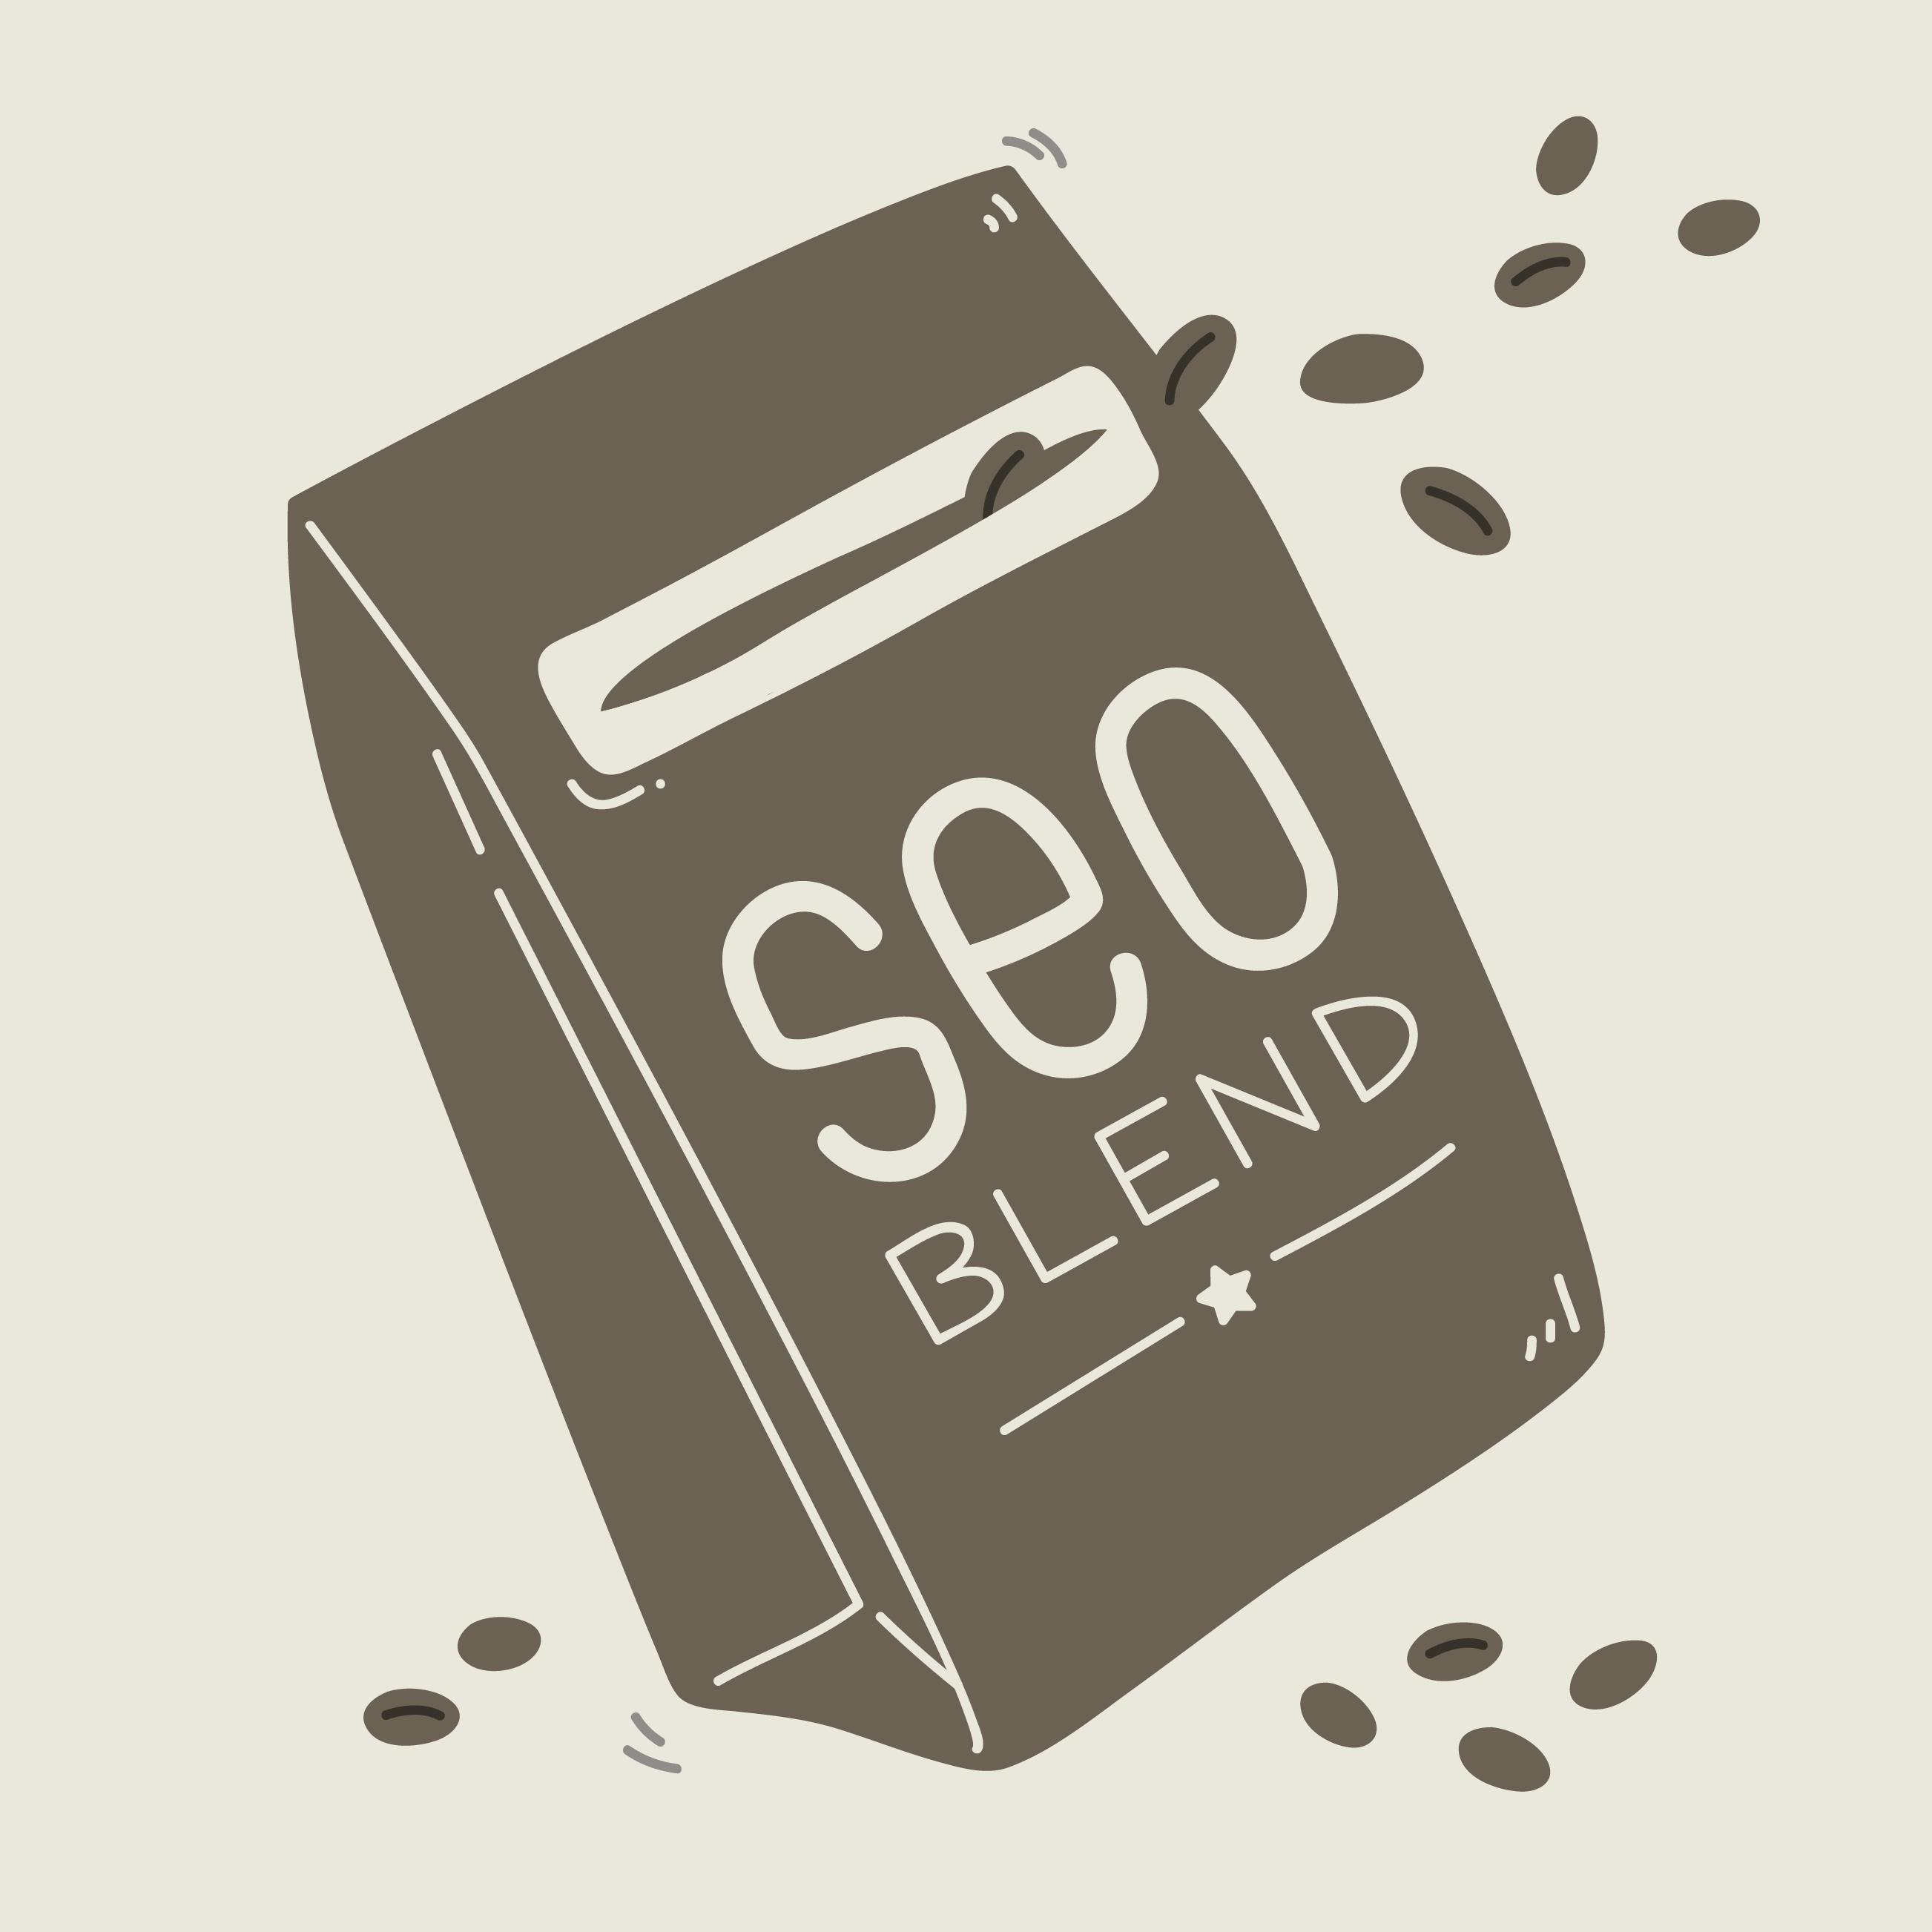 spilled_coffee-services_bag_darkroast-09-09